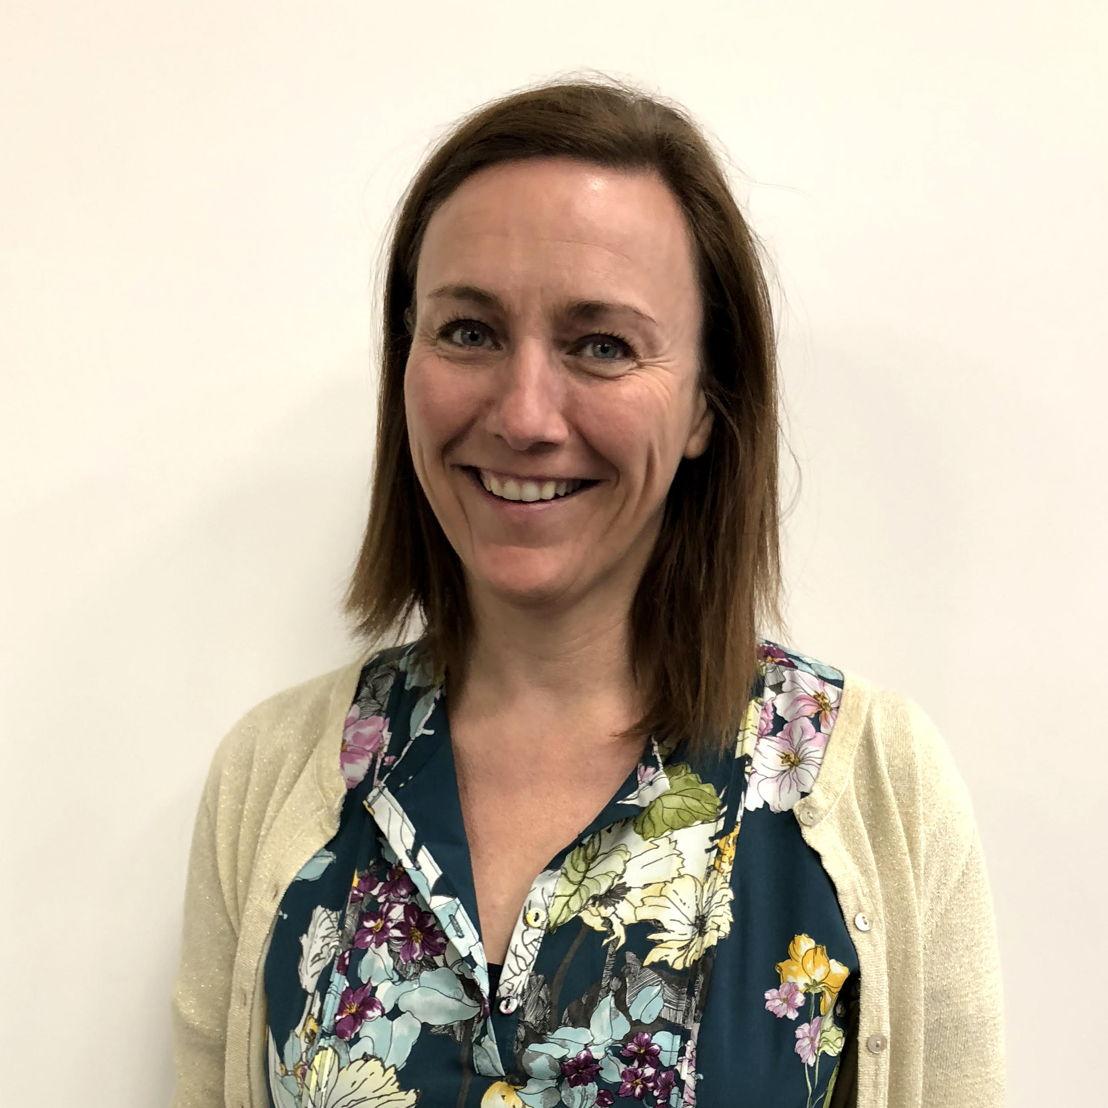 Ciska Schrooten, Education Business Manager de Switch